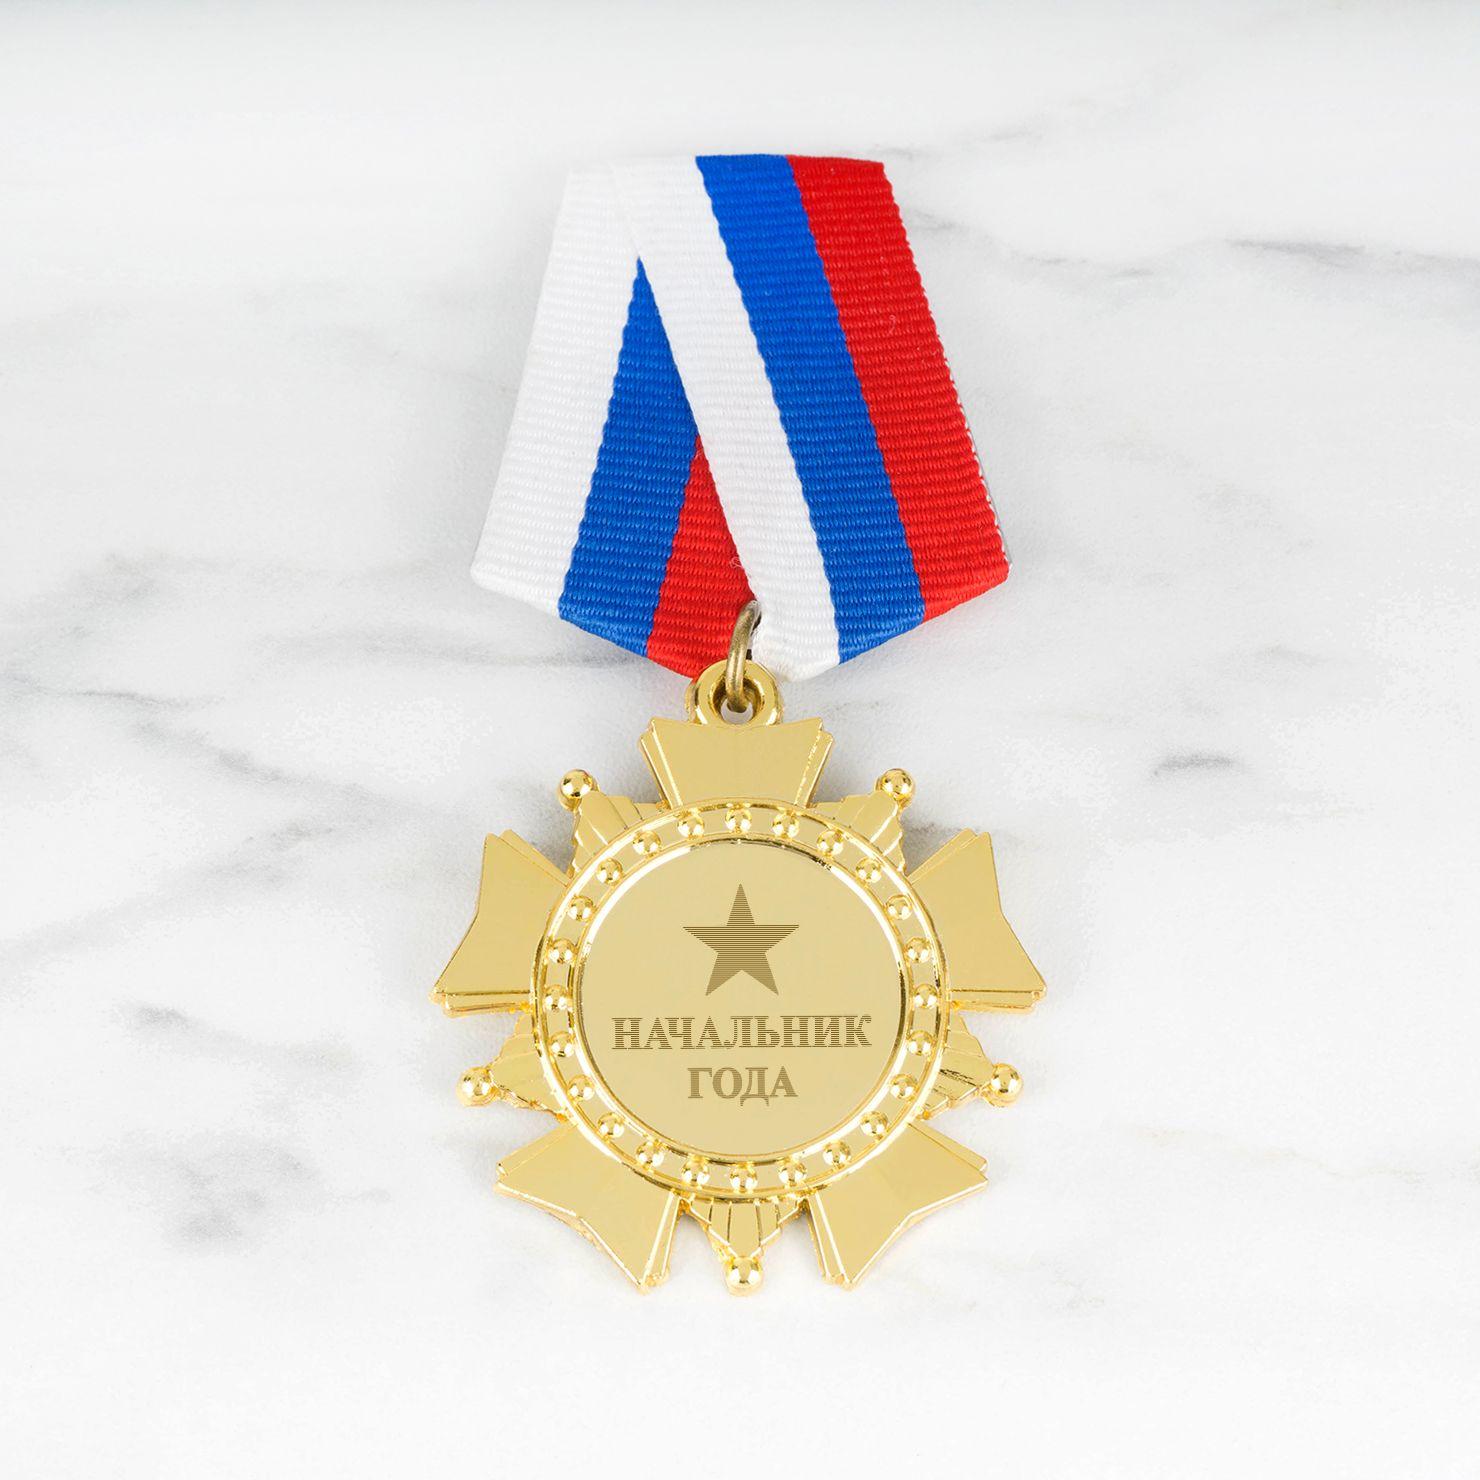 Орден *Начальник года*